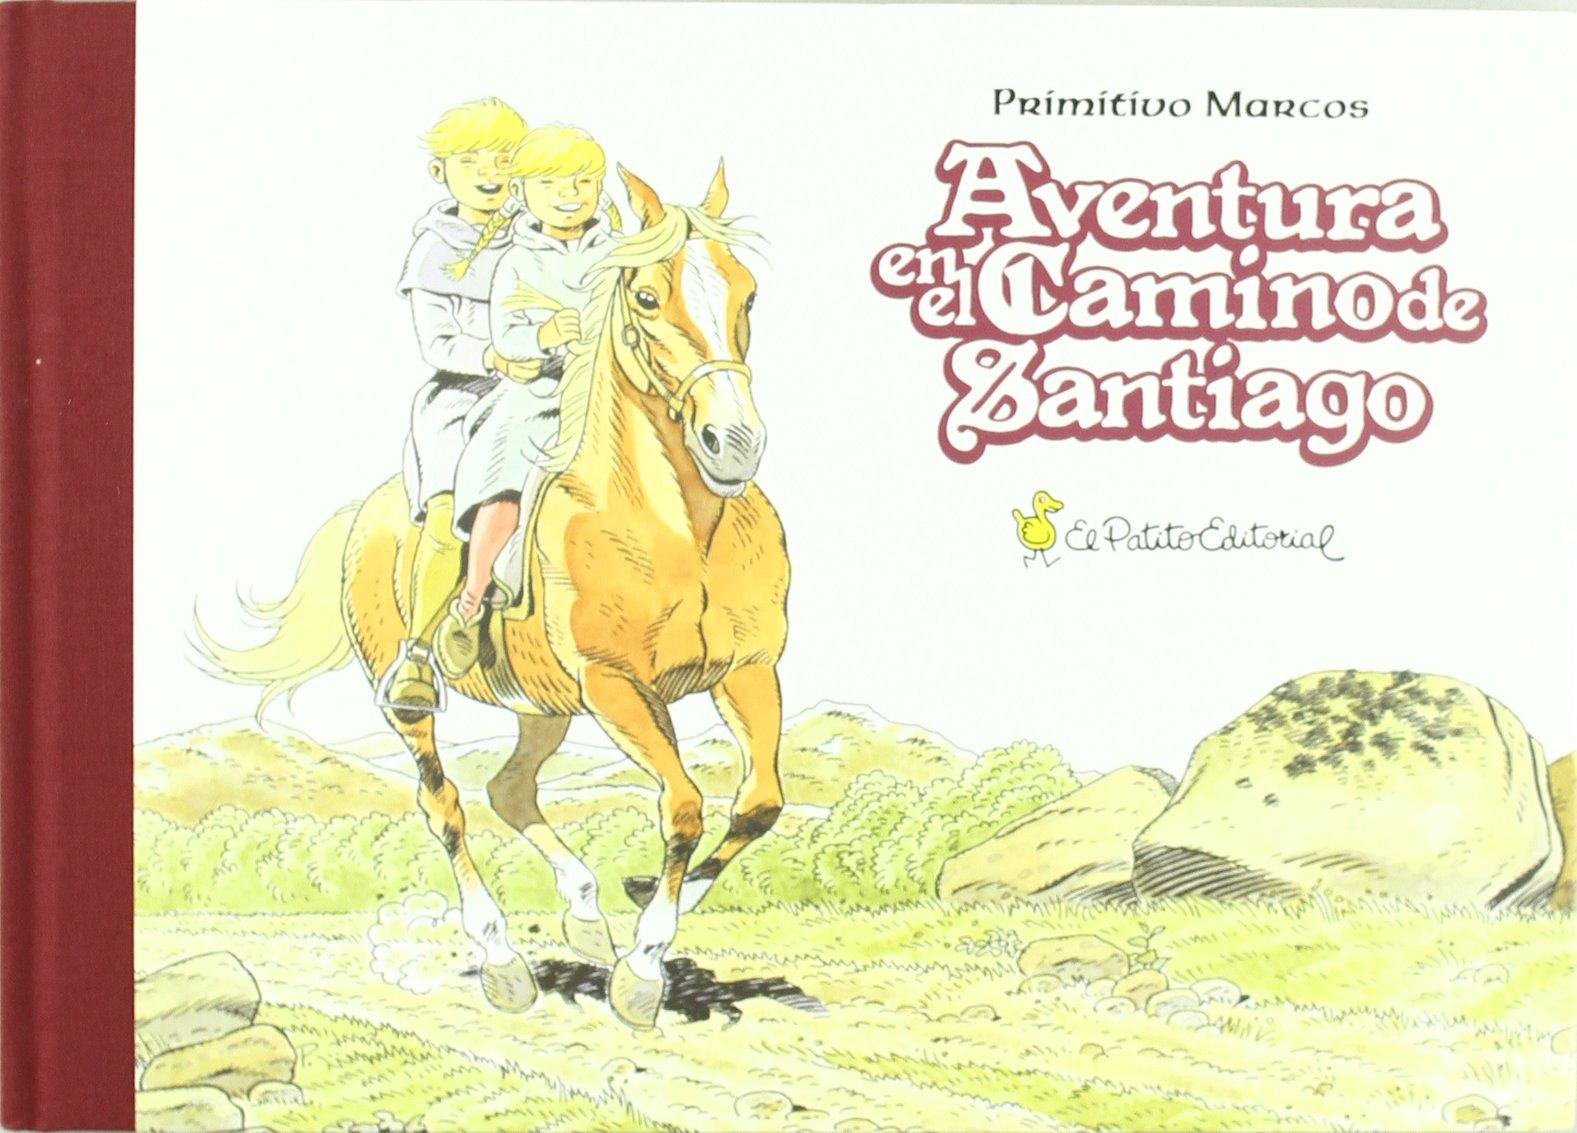 Aventura en el camino de Santiago: Amazon.es: Primitivo Marcos Ferreiro: Libros